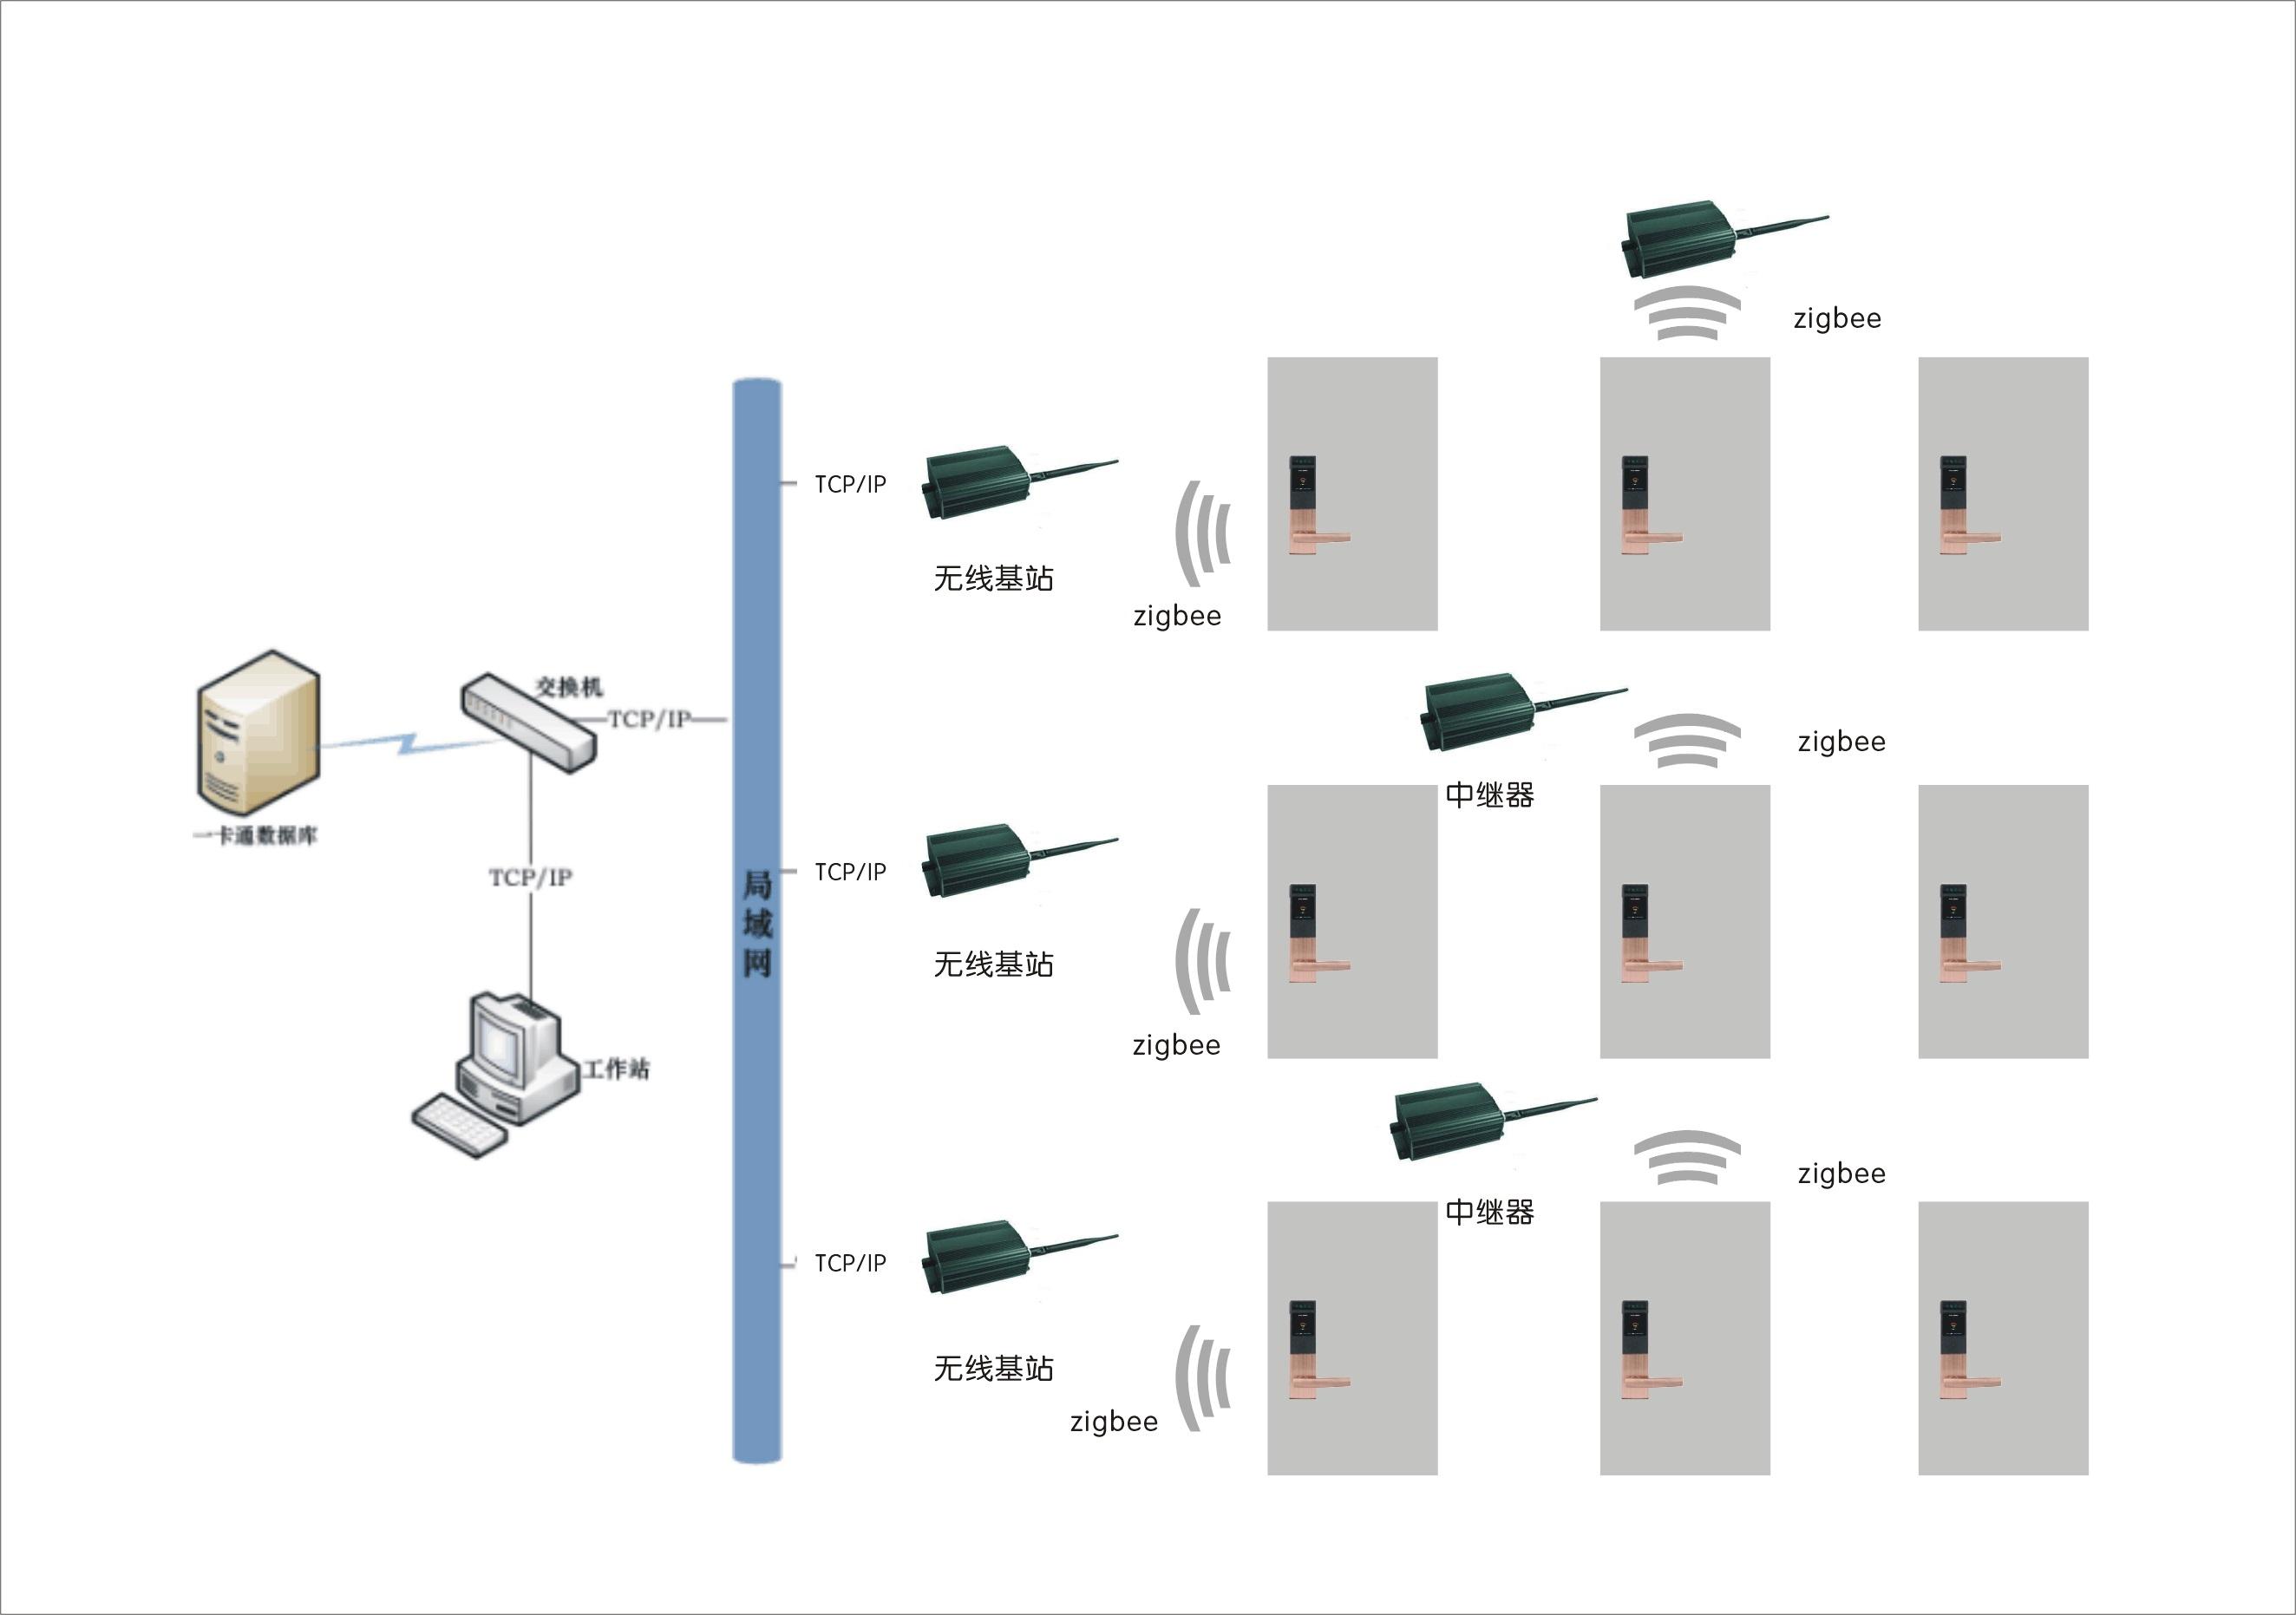 名称 型号 备注 无线门锁 wms102 每门一把 无线基站 wsz02 根据现在